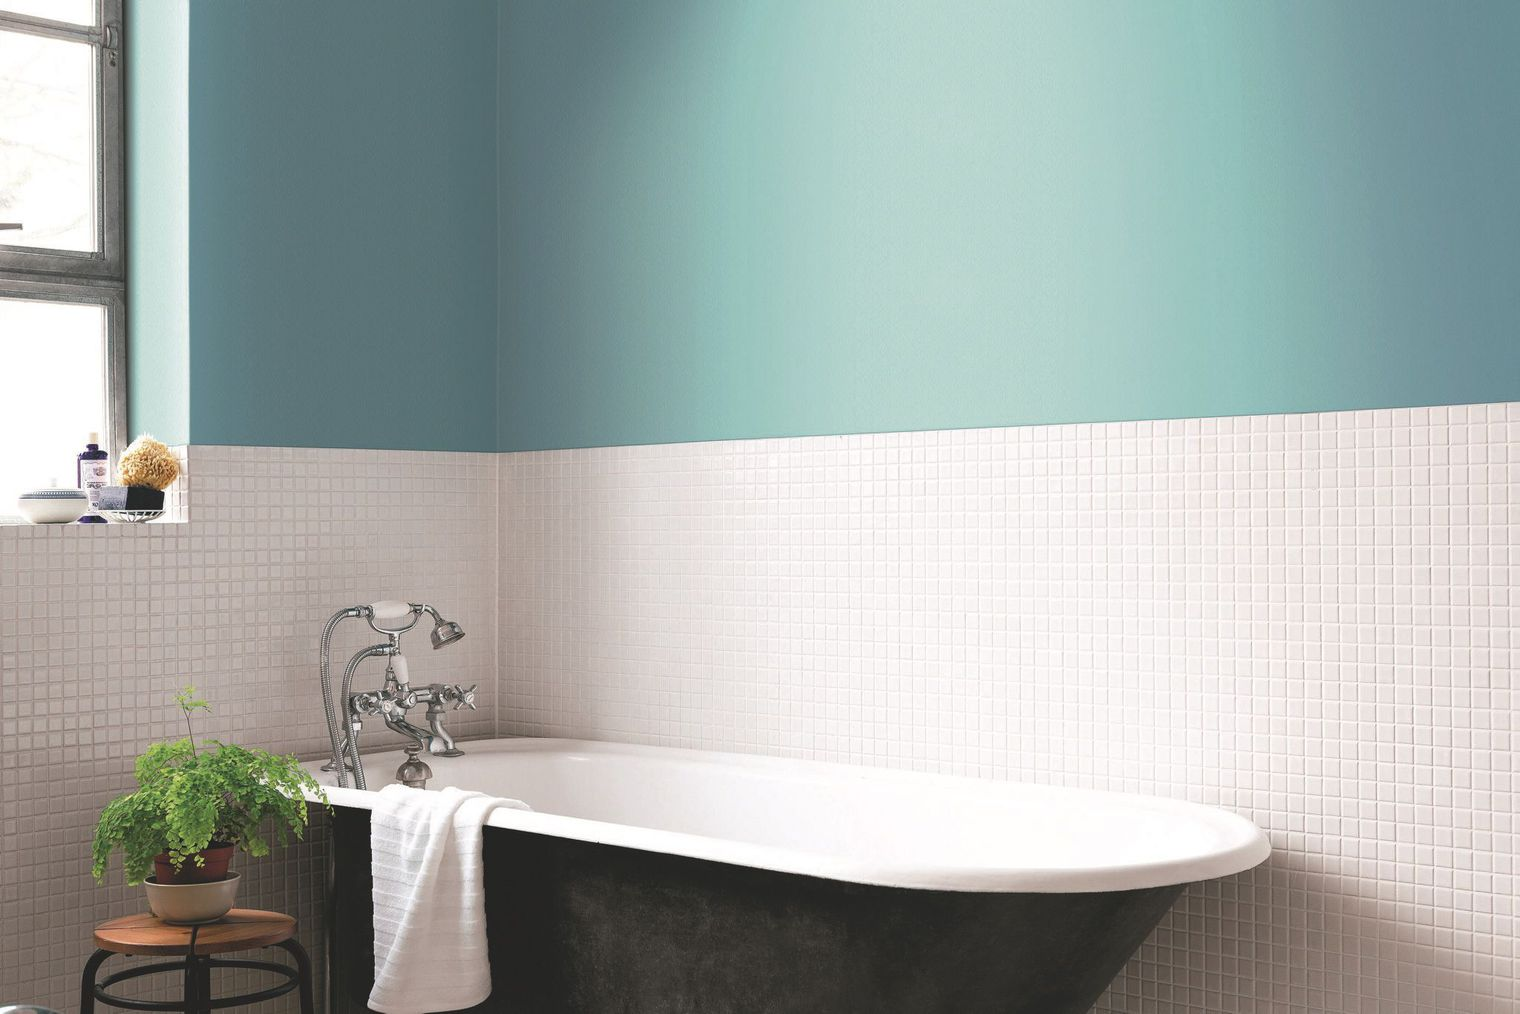 Quelle couleur choisir pour sa salle de bain? | DG Bédard l Ajout ...